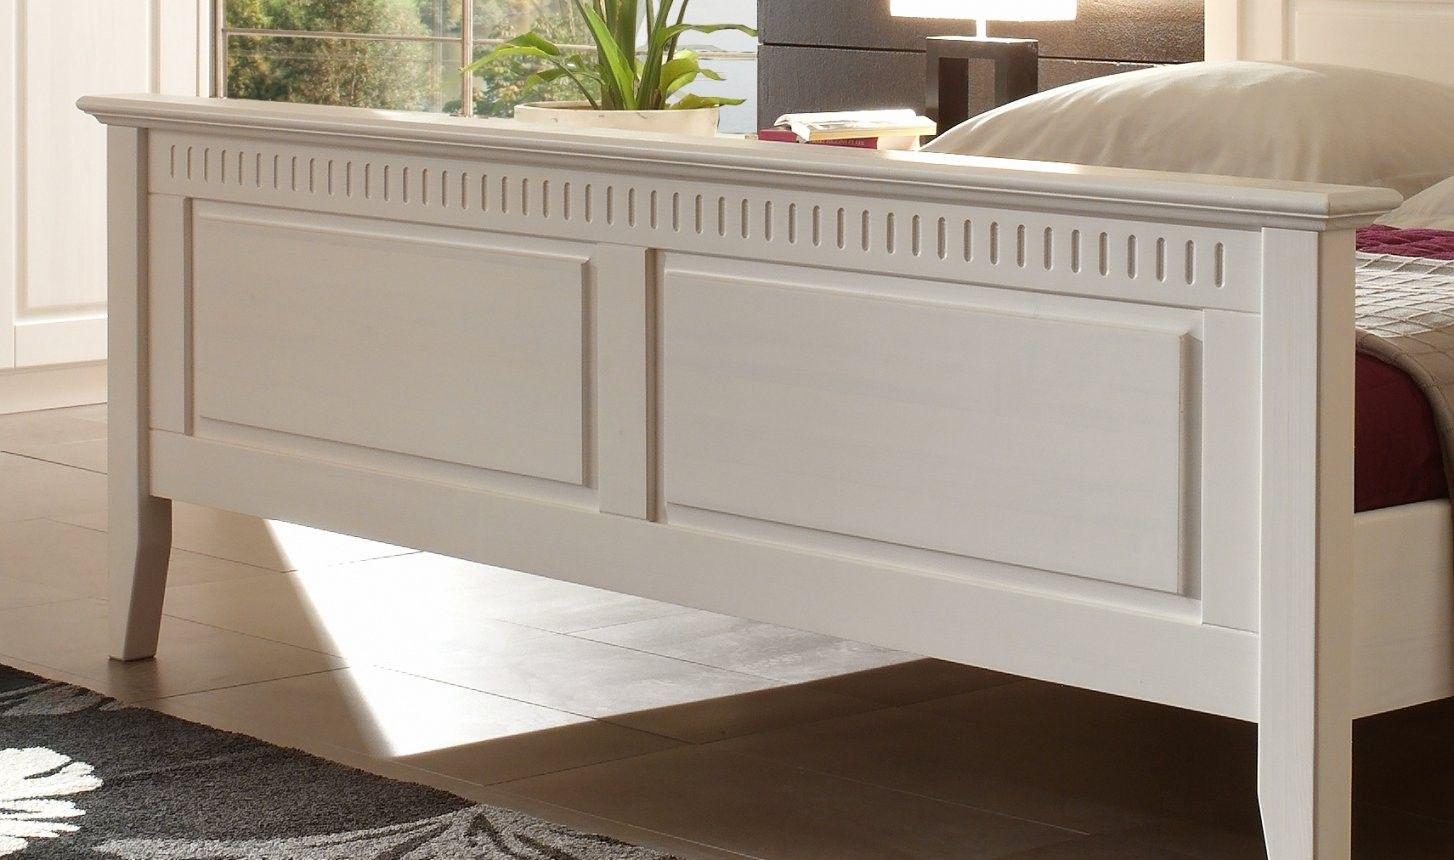 Massives Doppelbett Kiefer Weiss Im Landhausstil Designermobel Von Bett Landhausstil 180x200 In 2020 Bett Holz Massiv Bett Bett Landhausstil